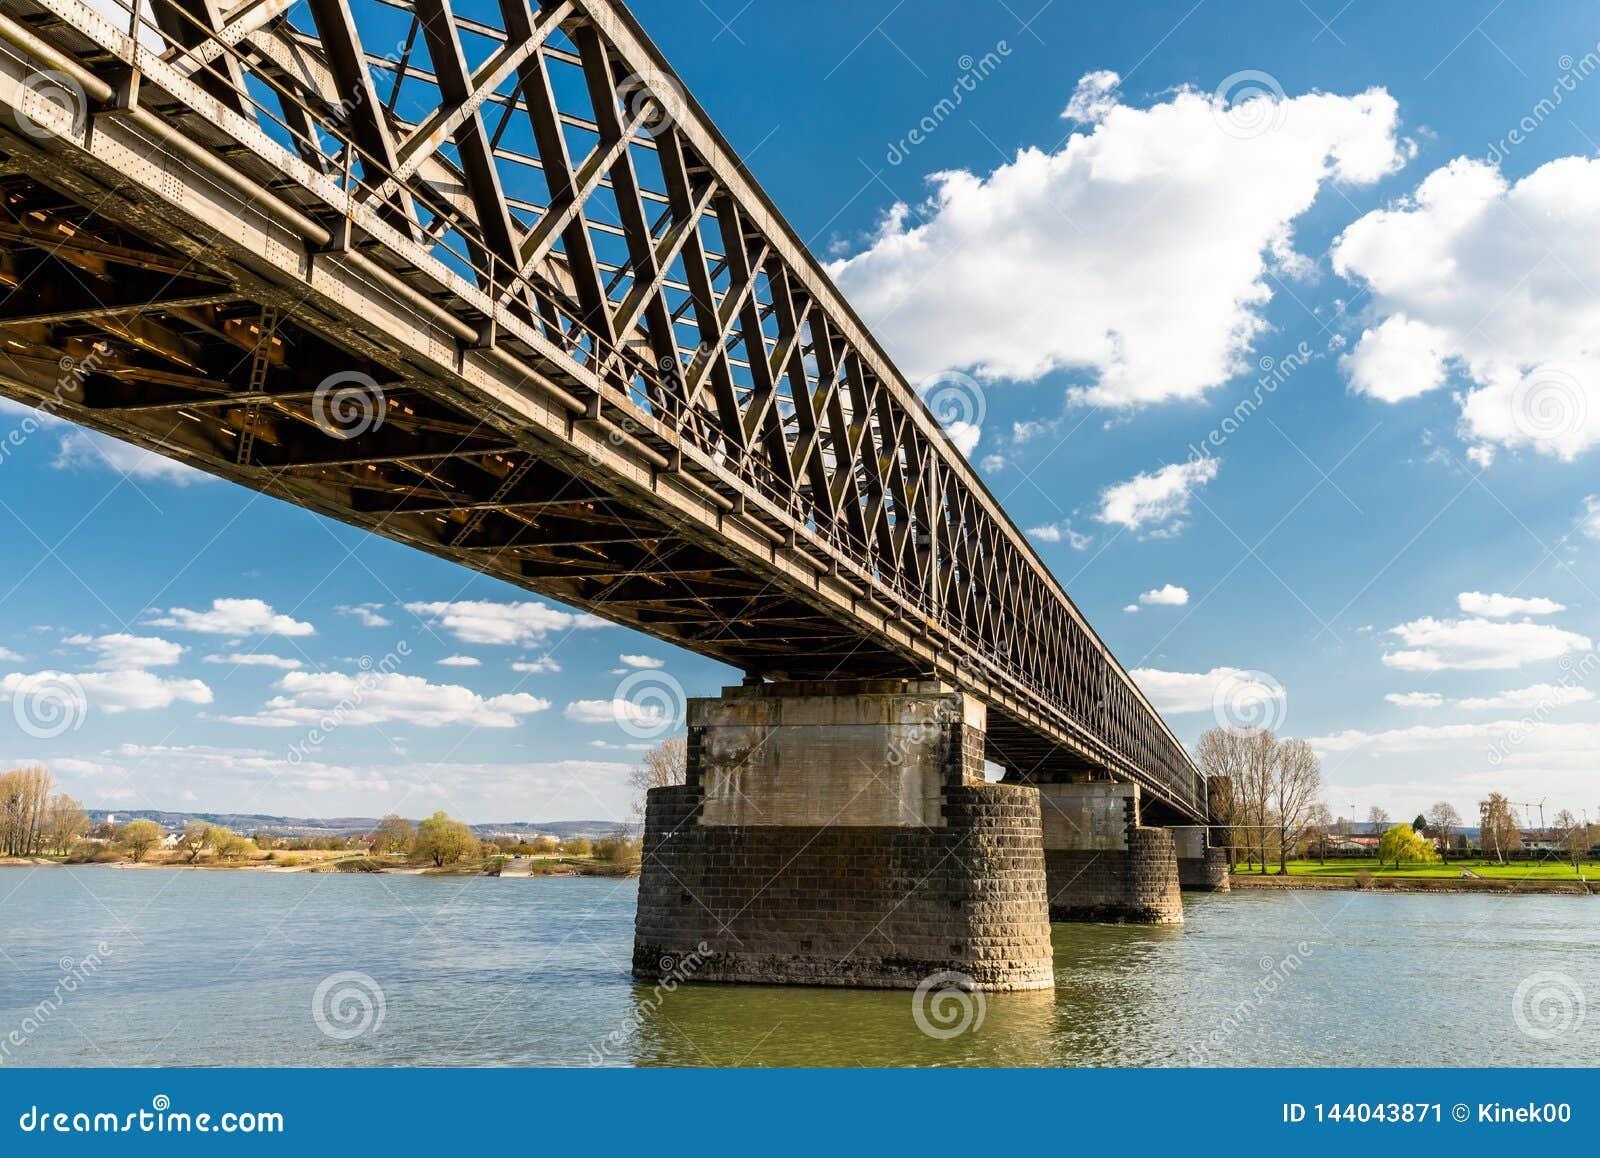 Acero, estructura de enrejado de un puente ferroviario sobre un río con un fondo del cielo azul con las nubes blancas en Alemania